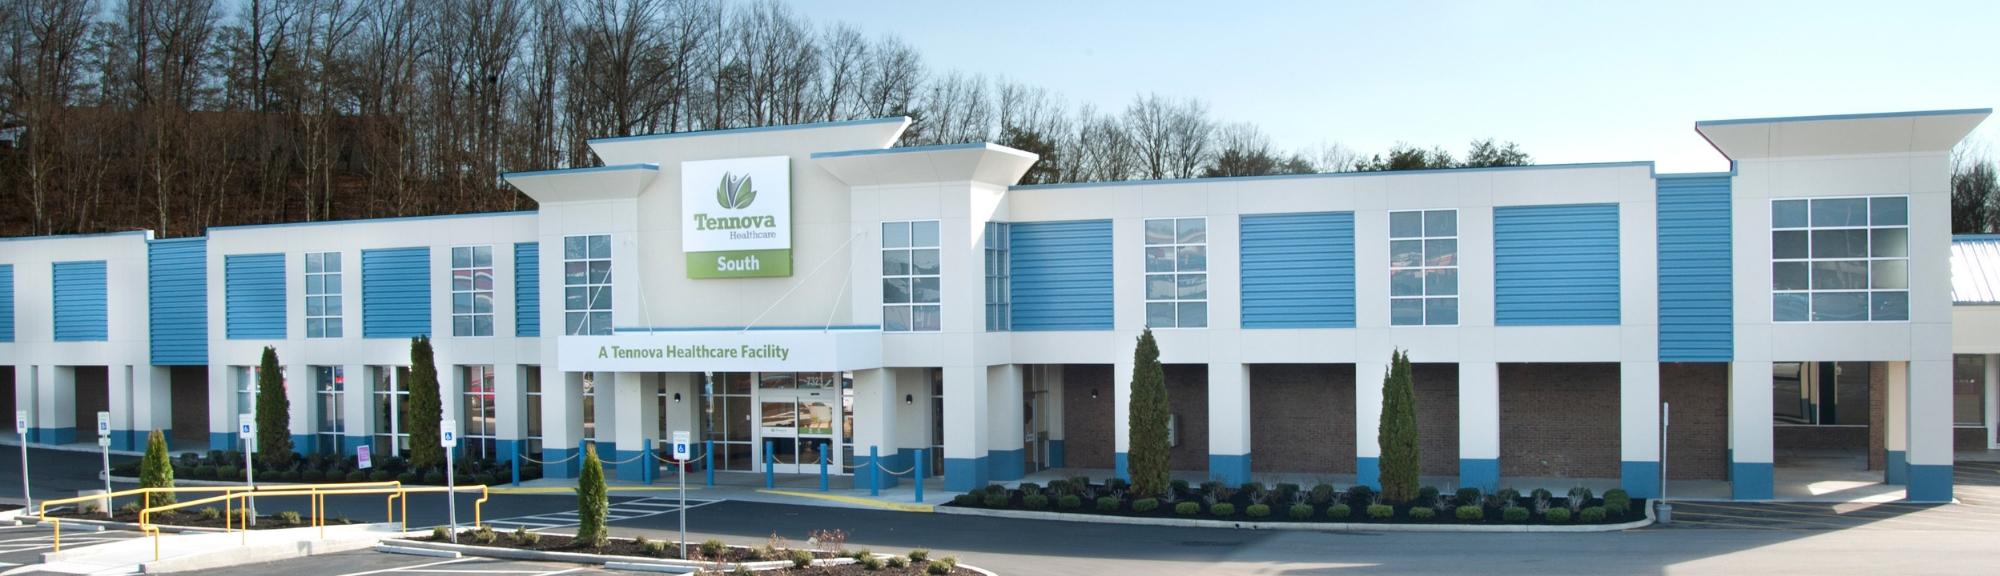 Knoxville Orthopedic Surgeons - OrthoKnox Orthopedic Care